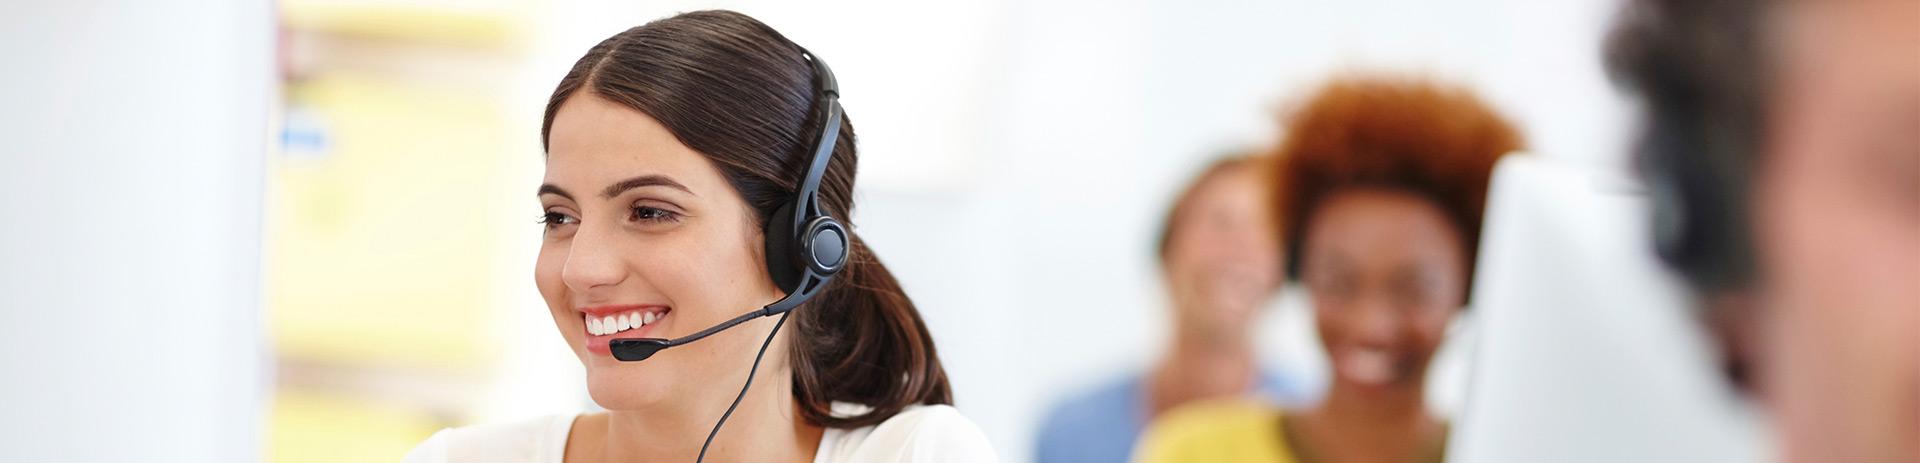 Dame in einem Callcenter mit Headset